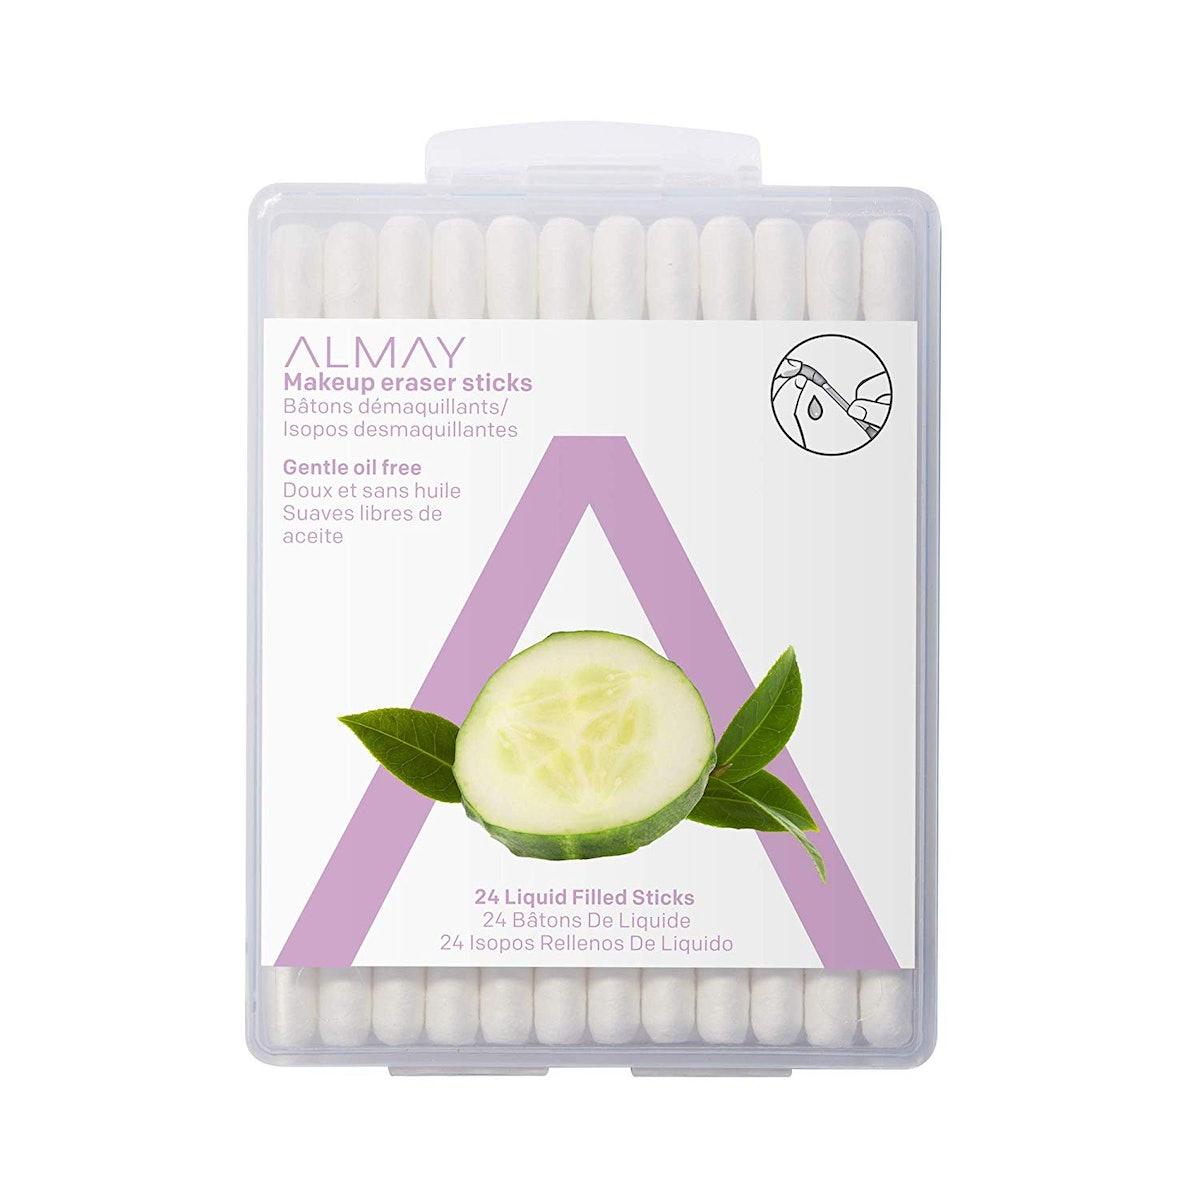 Almay Makeup Eraser Sticks